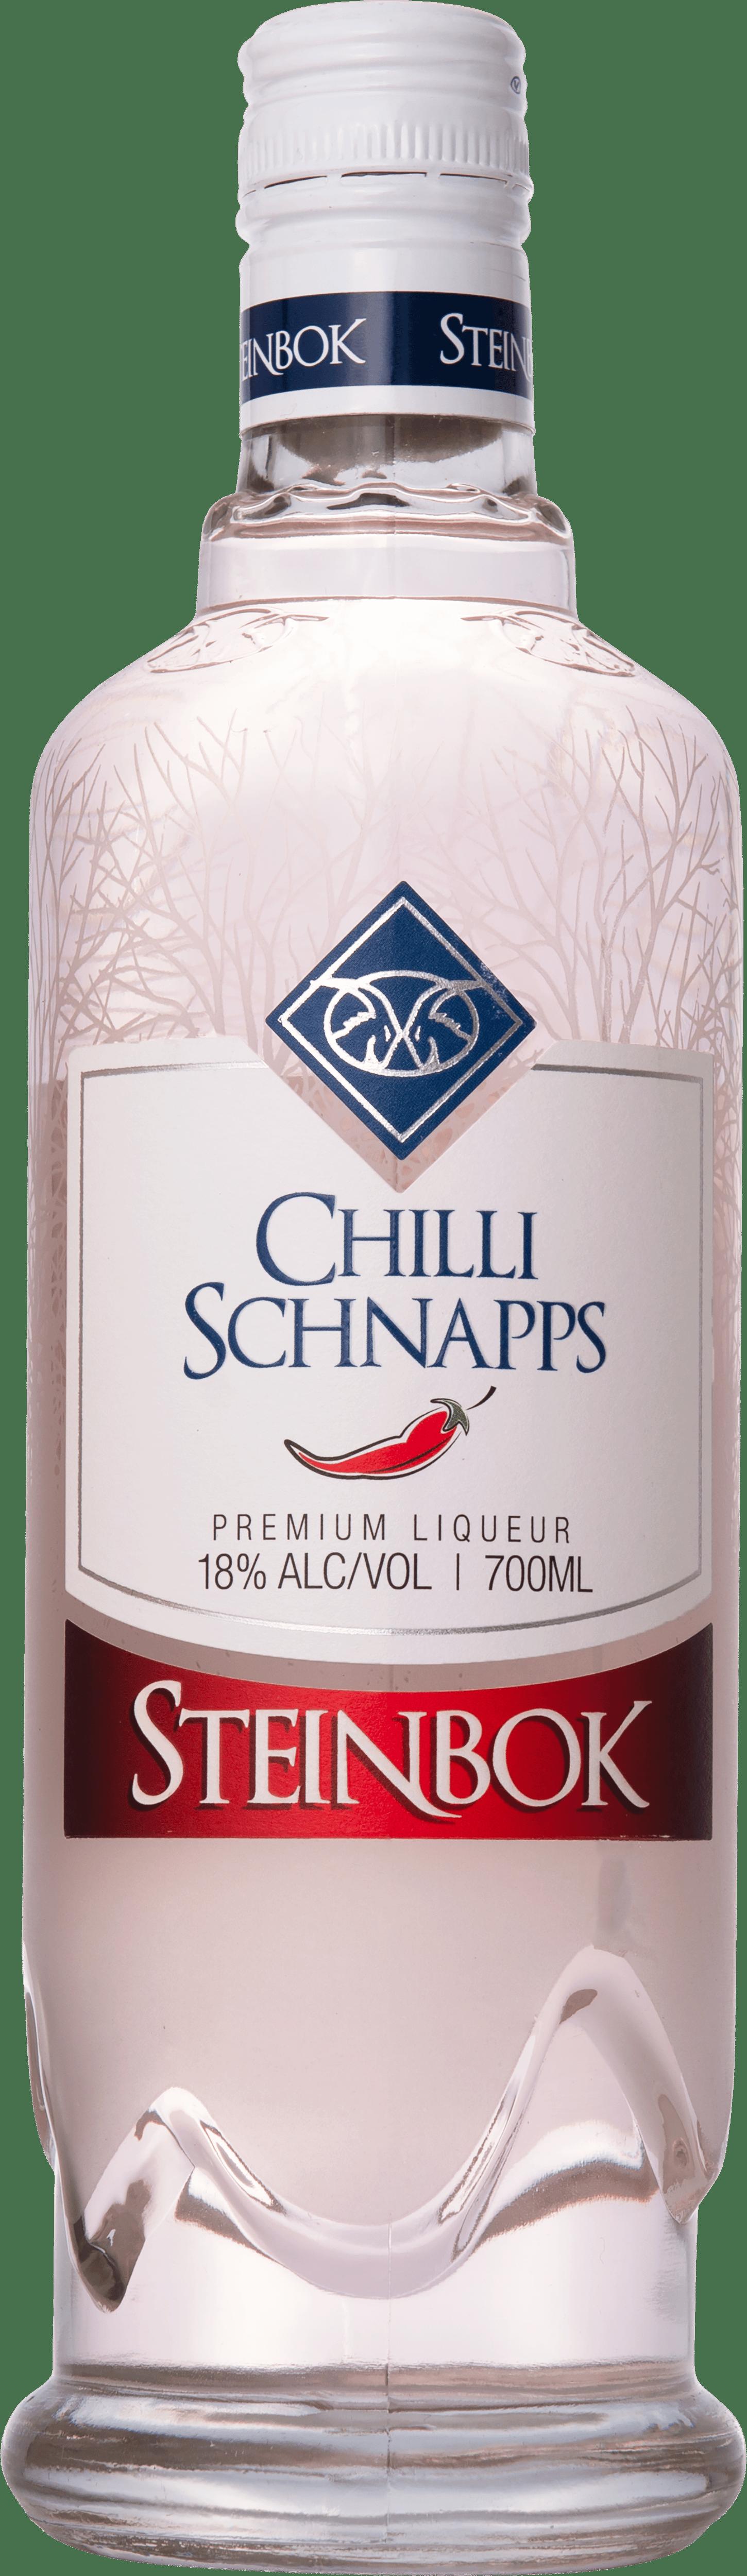 Chilli Schnapps